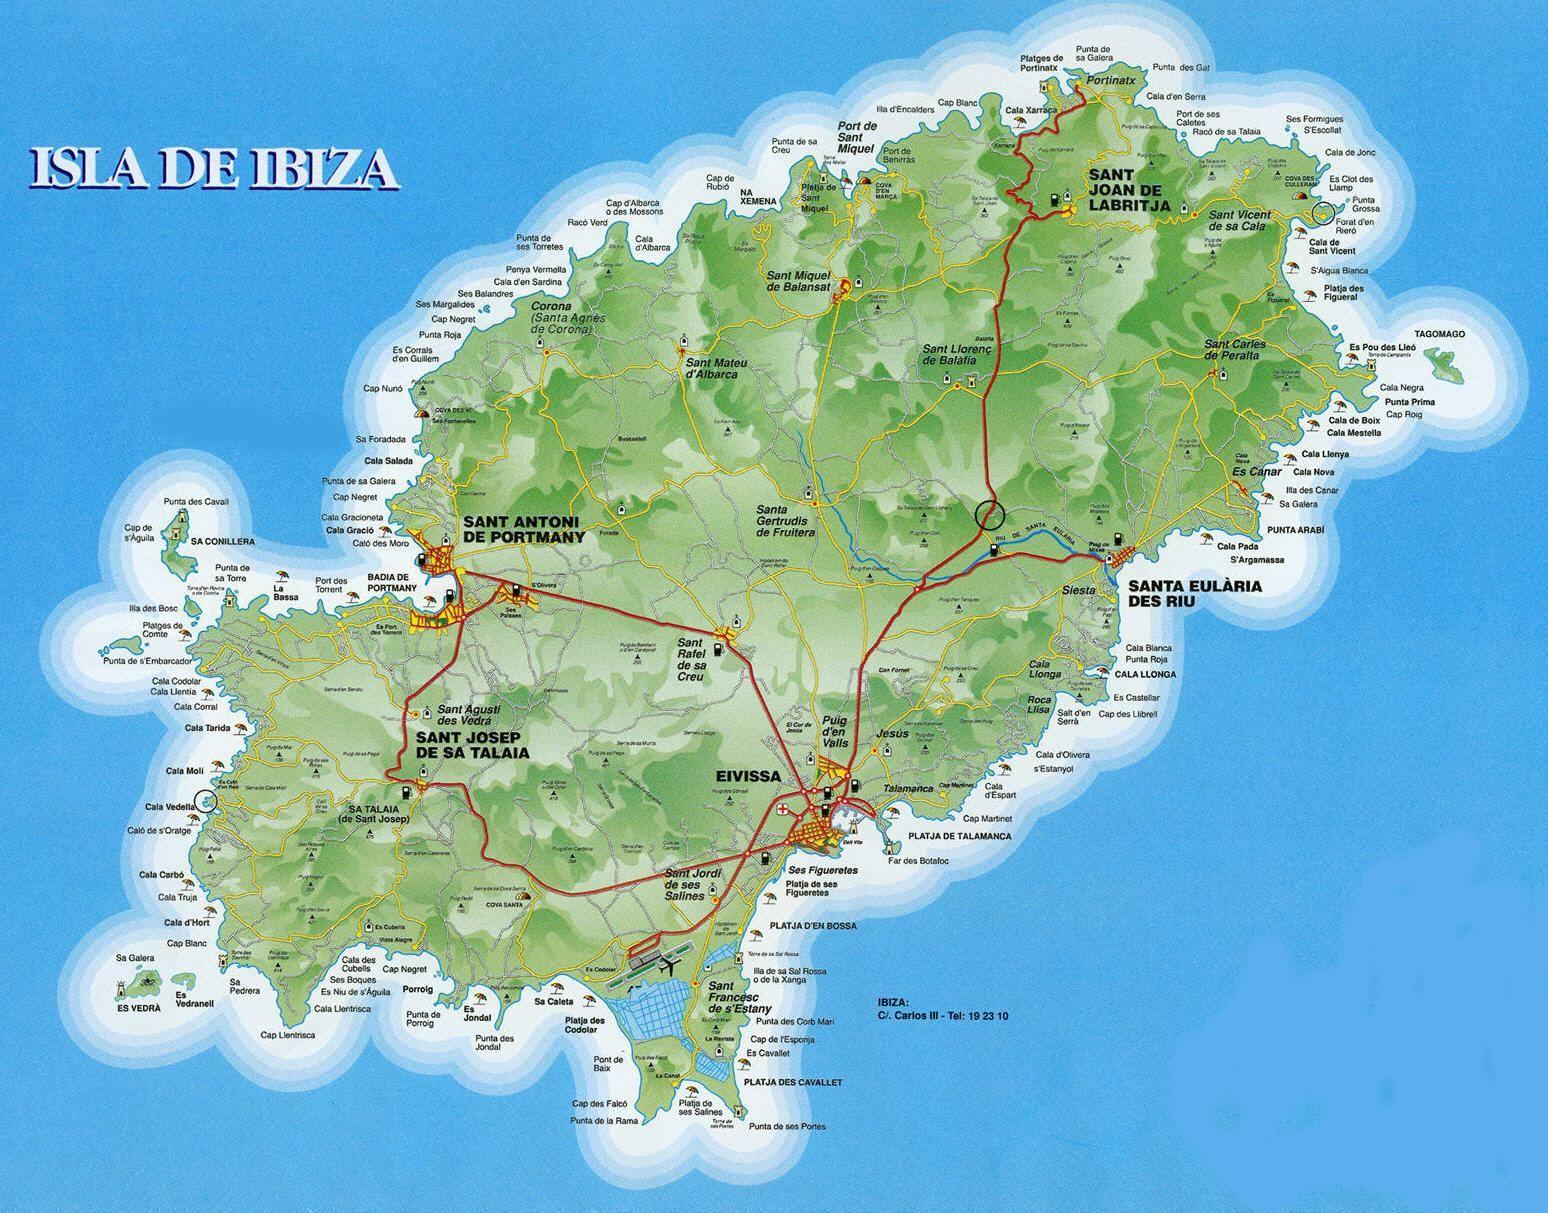 Ibizamapa IbizyIbizamap of Ibizamapa de Ibiza Balearic Islands